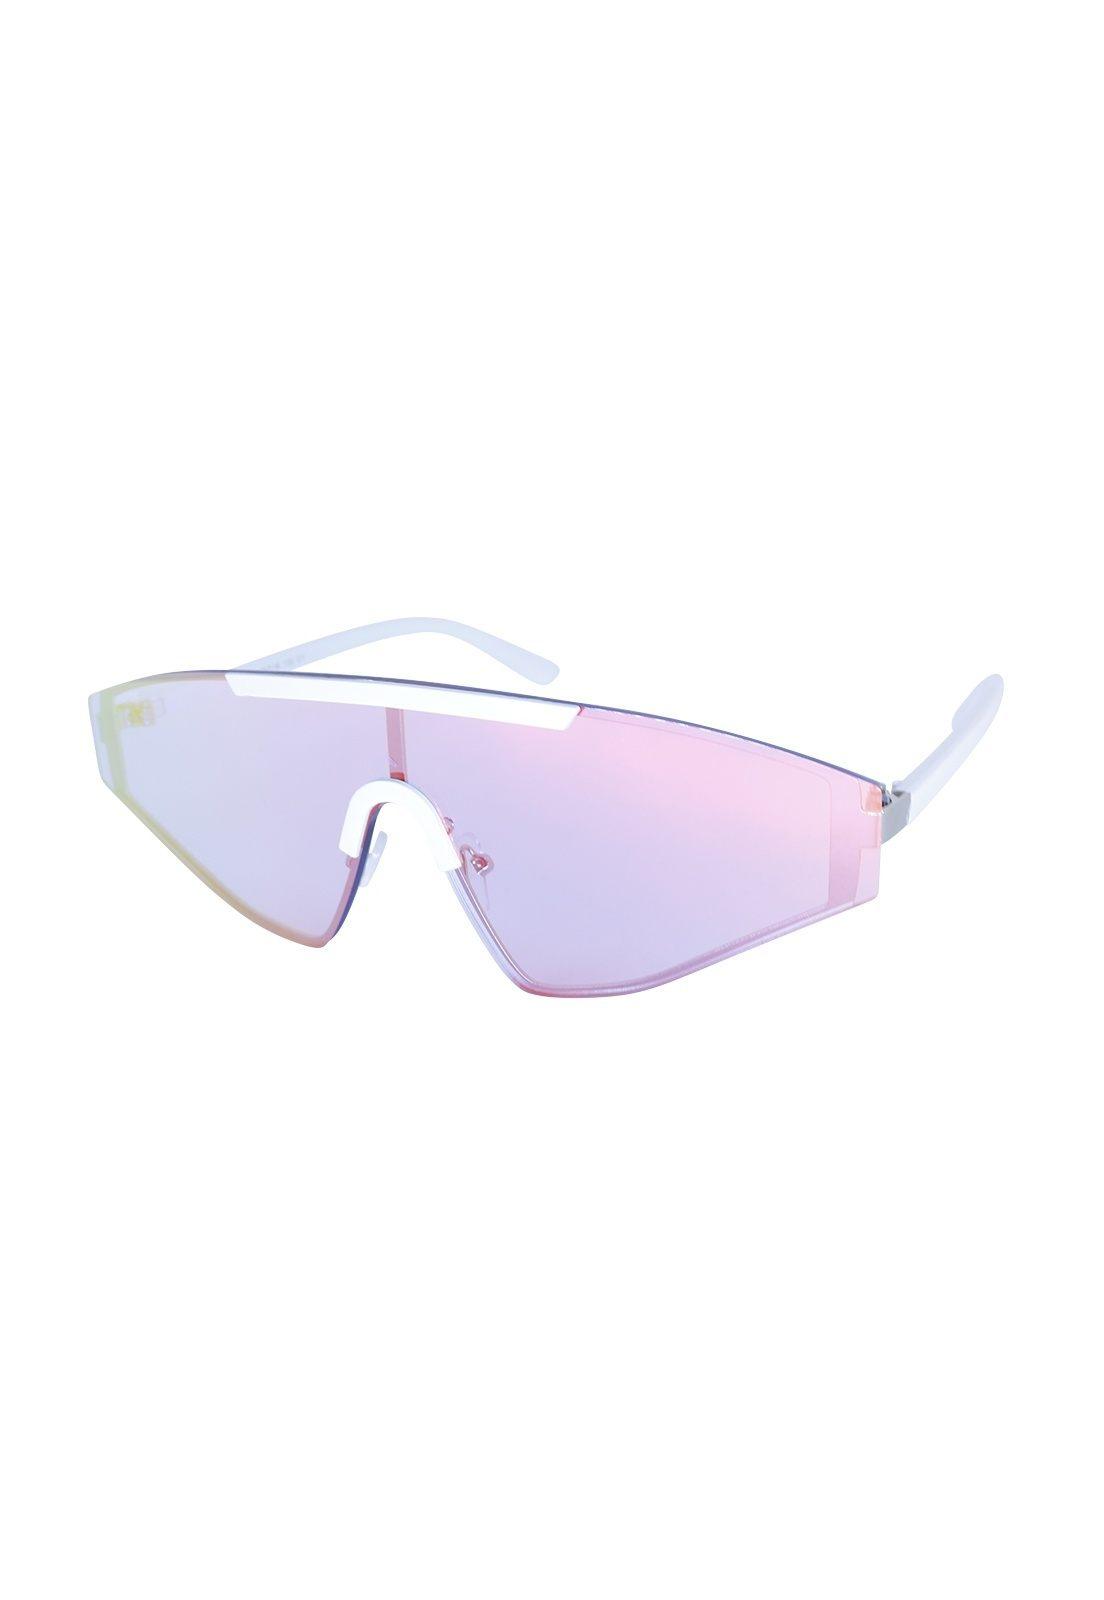 Óculos de Sol Grungetteria Glacial Rose